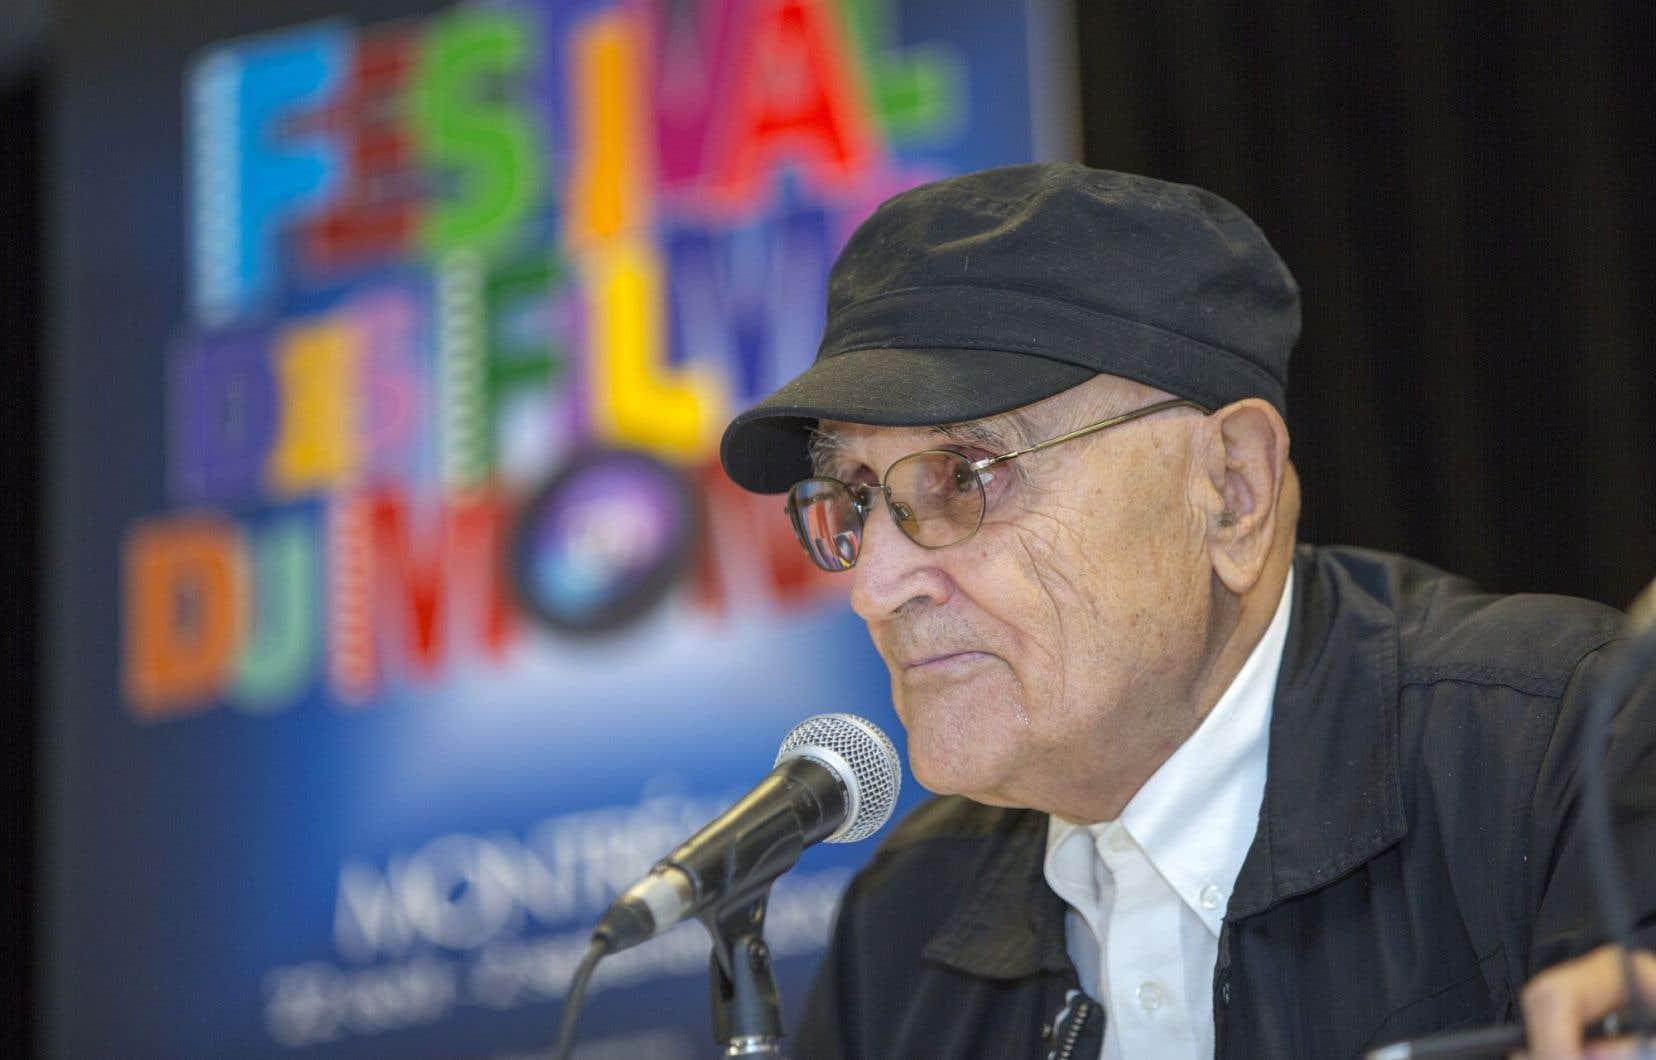 Le festival, fondé par Serge Losique, a perdu la majorité de ses employés mardiet traverse des difficultés financières.